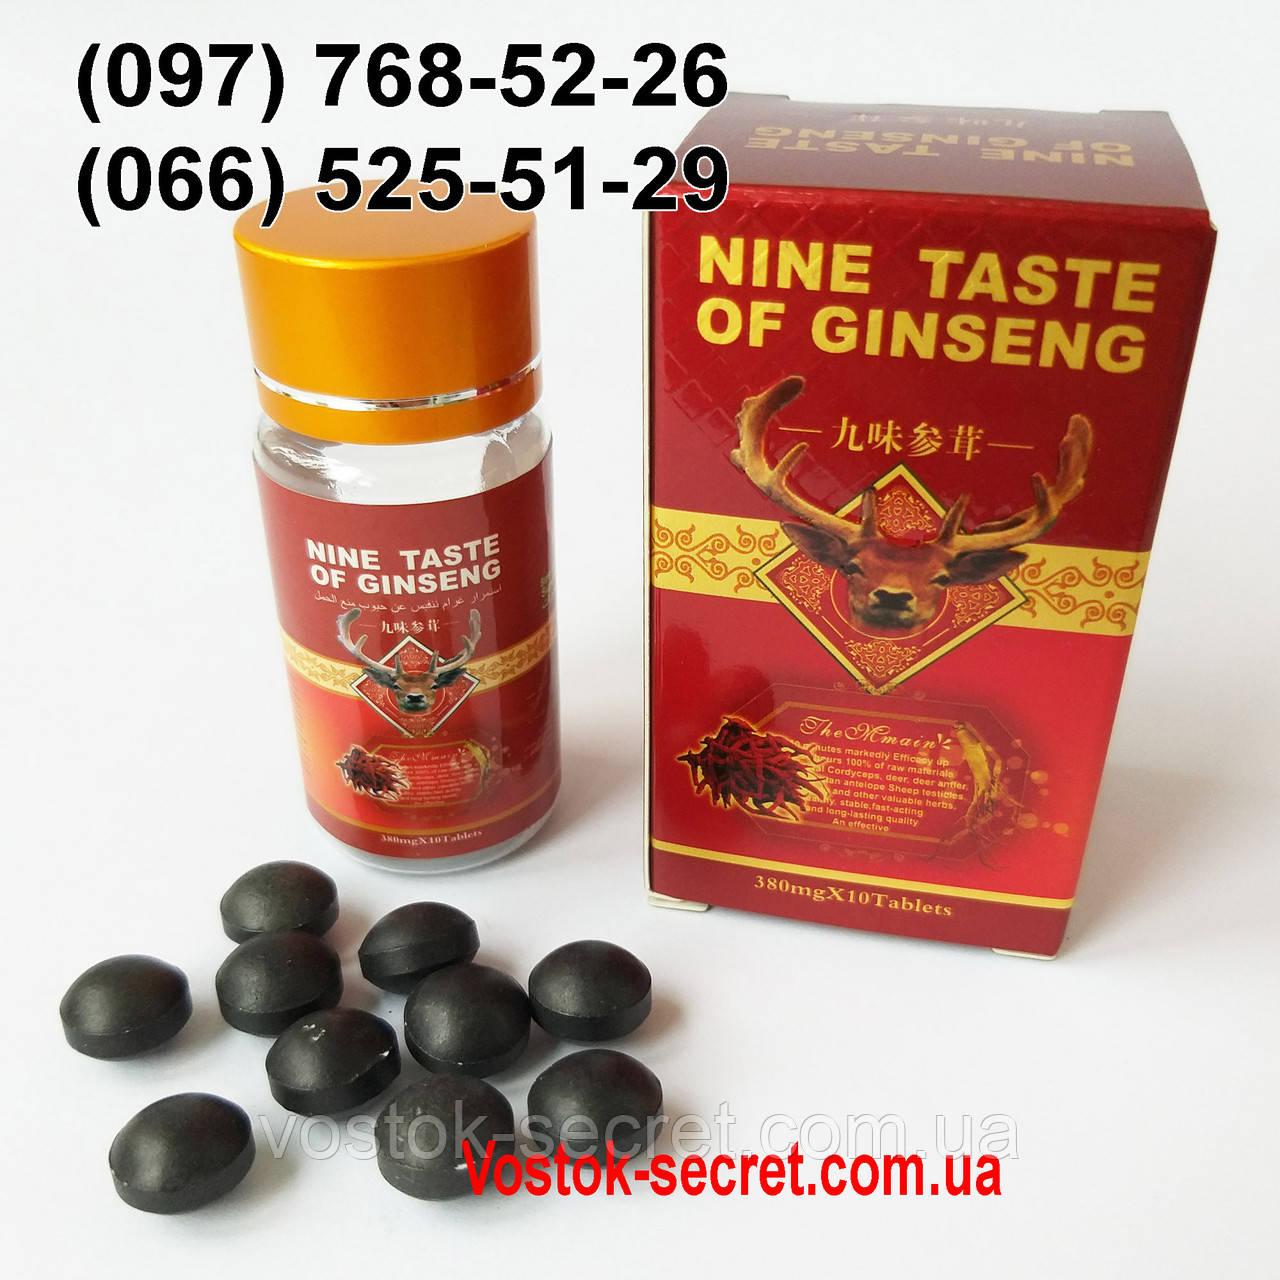 """Тибетские пилюли для потенции """"Девять Вкусов Женьшеня"""", Nine Taste of Ginseng, 10табл"""